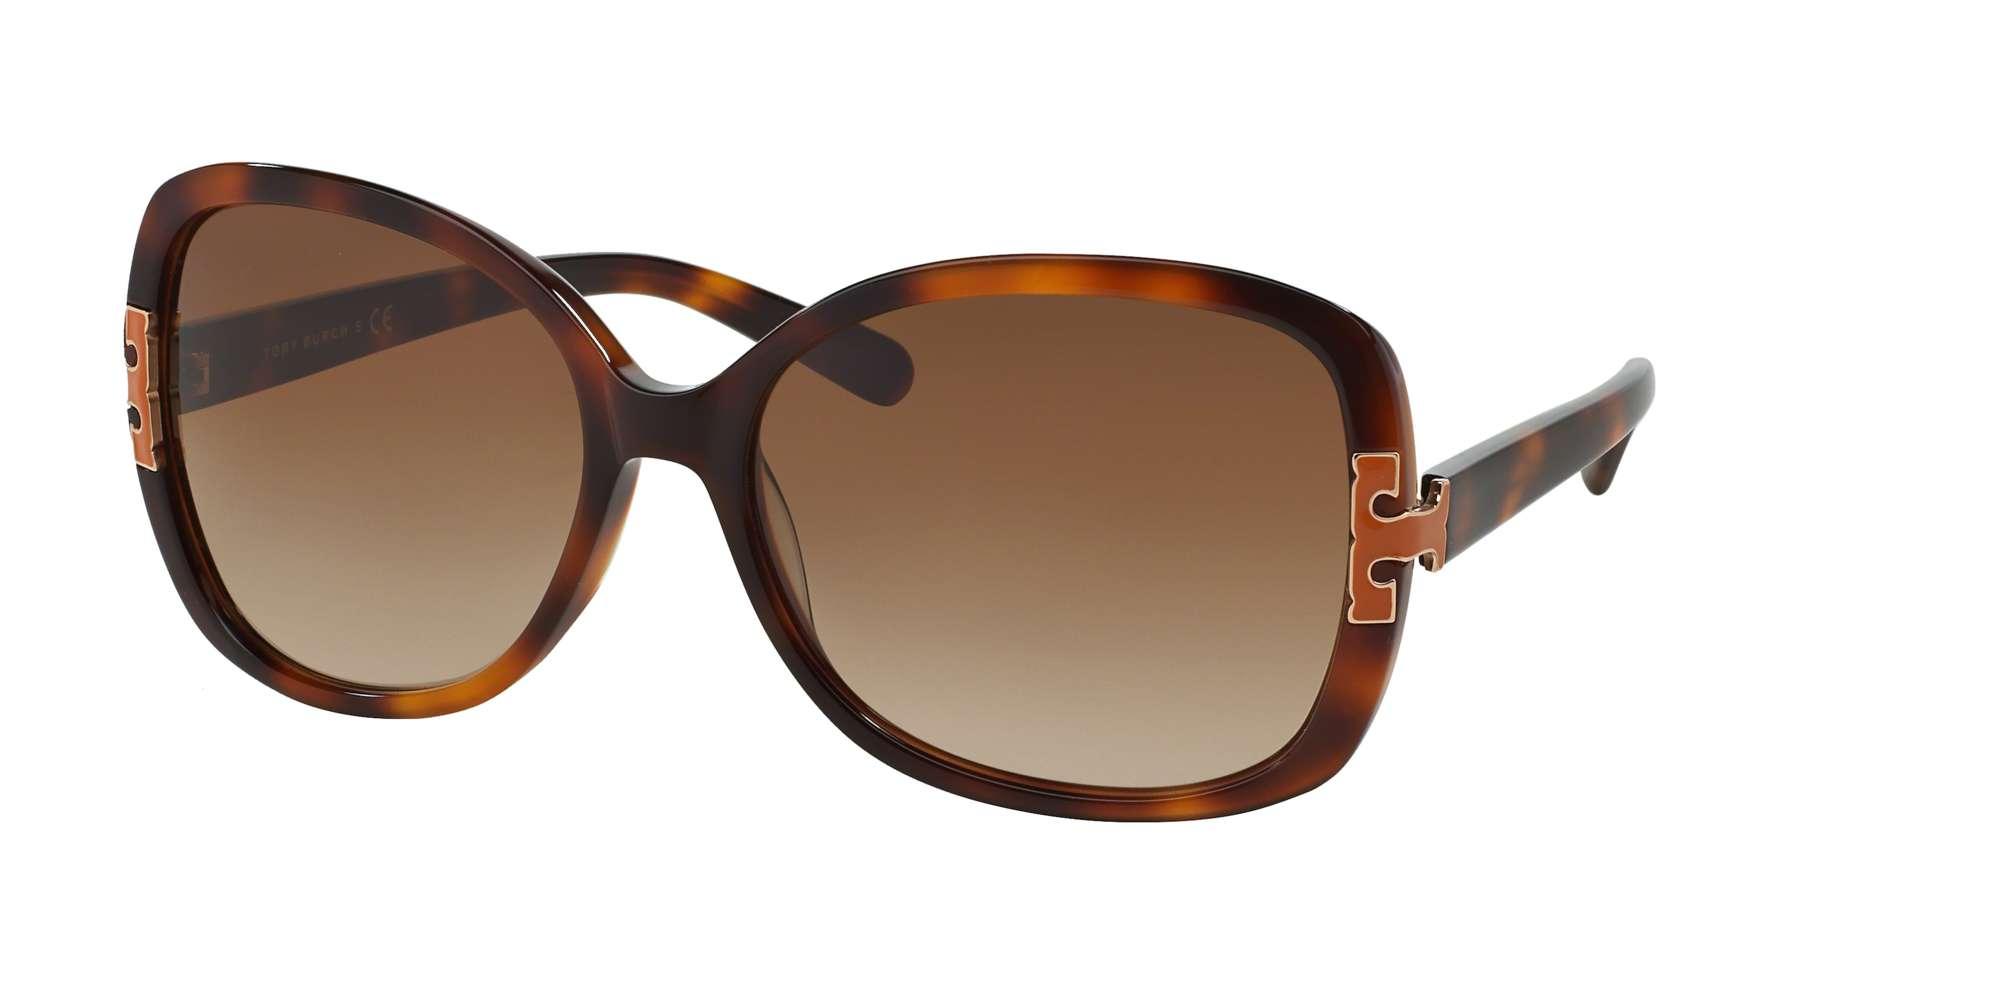 AMBER TORT / BROWN GRADIENT lenses